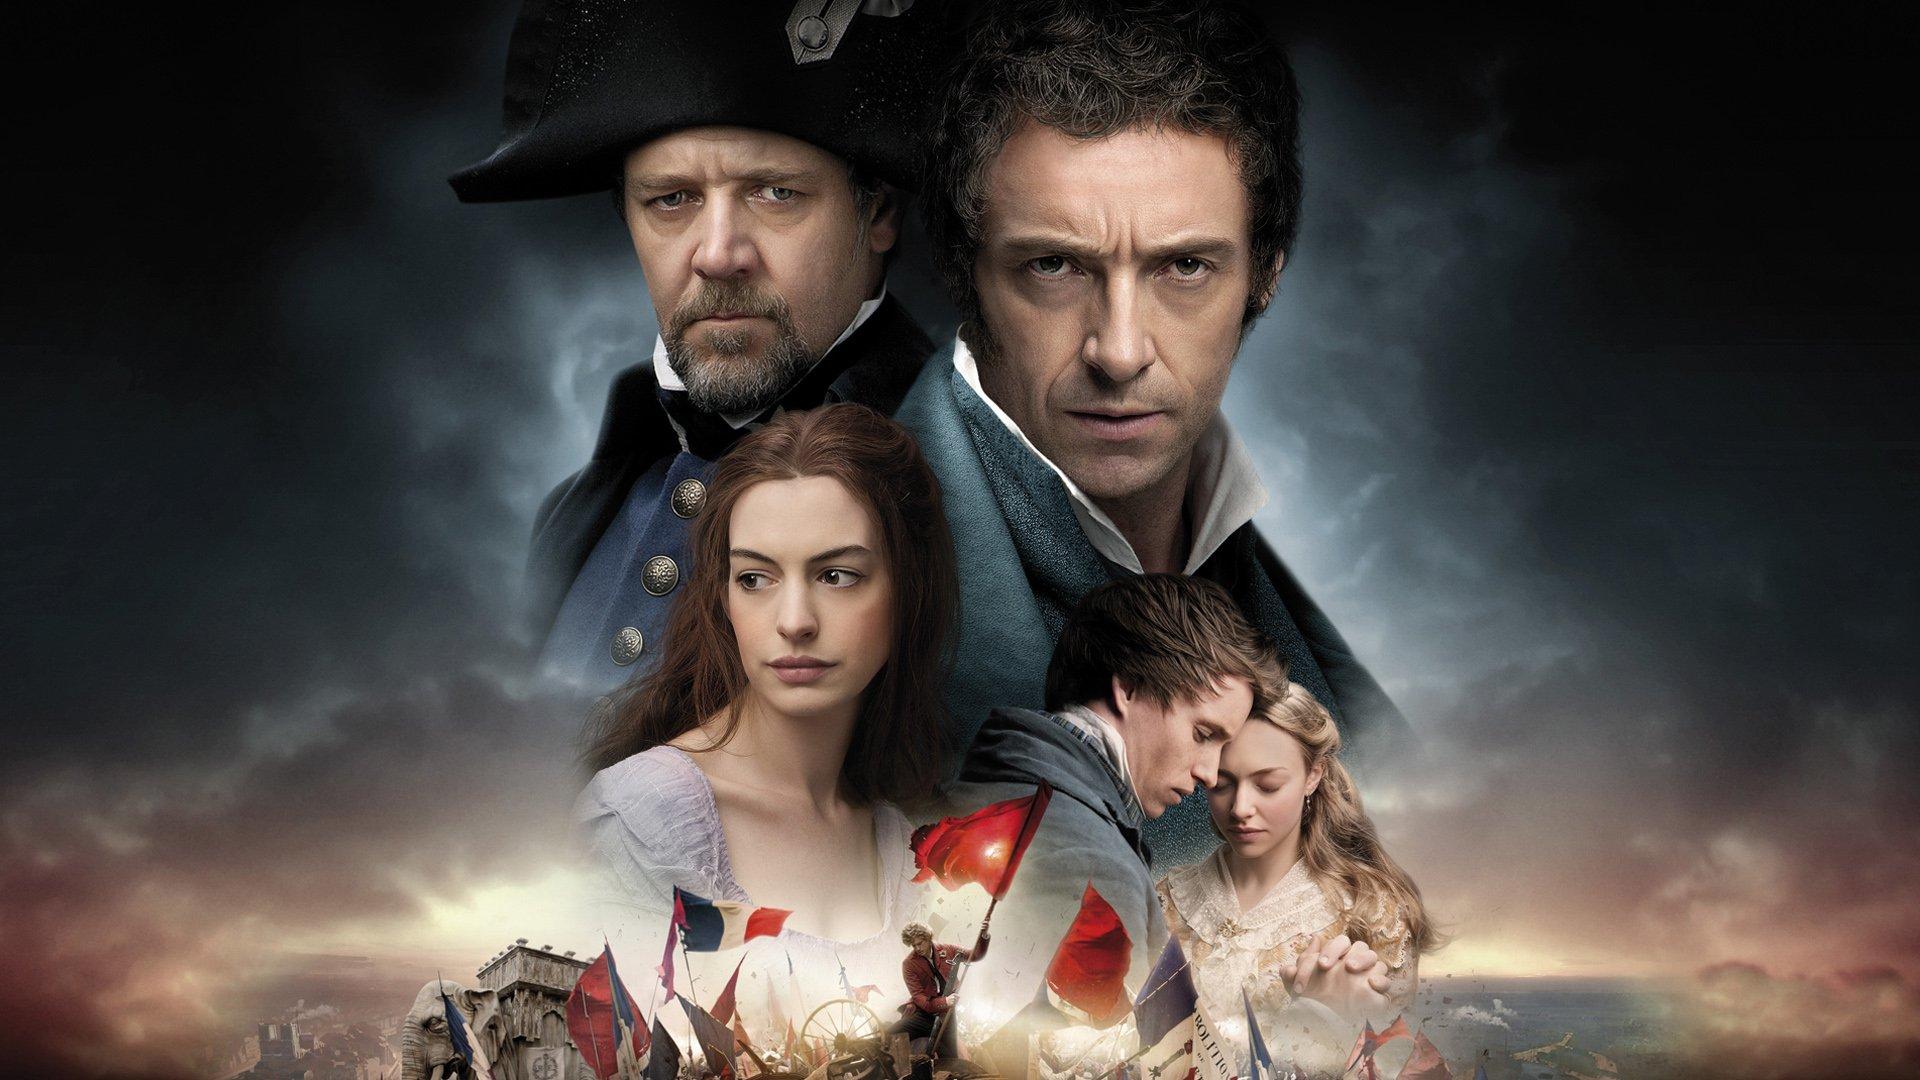 Les Misérables (2012) HD Wallpaper   Sfondo   1920x1080   ID:806437 -  Wallpaper Abyss